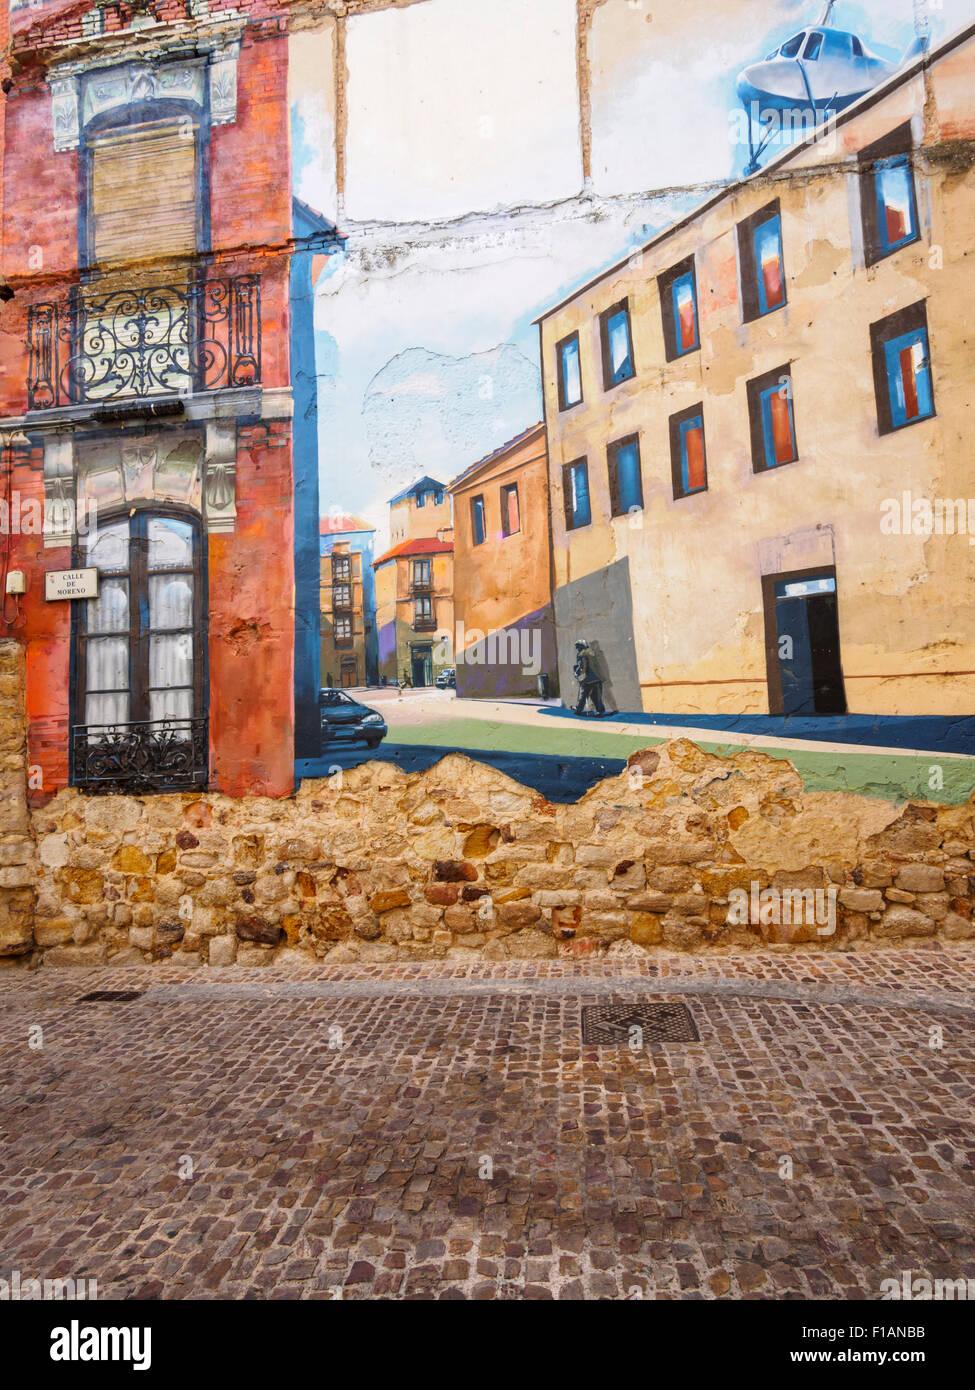 España, Zamora, Calle de Moreno, la pintura de la pared Imagen De Stock